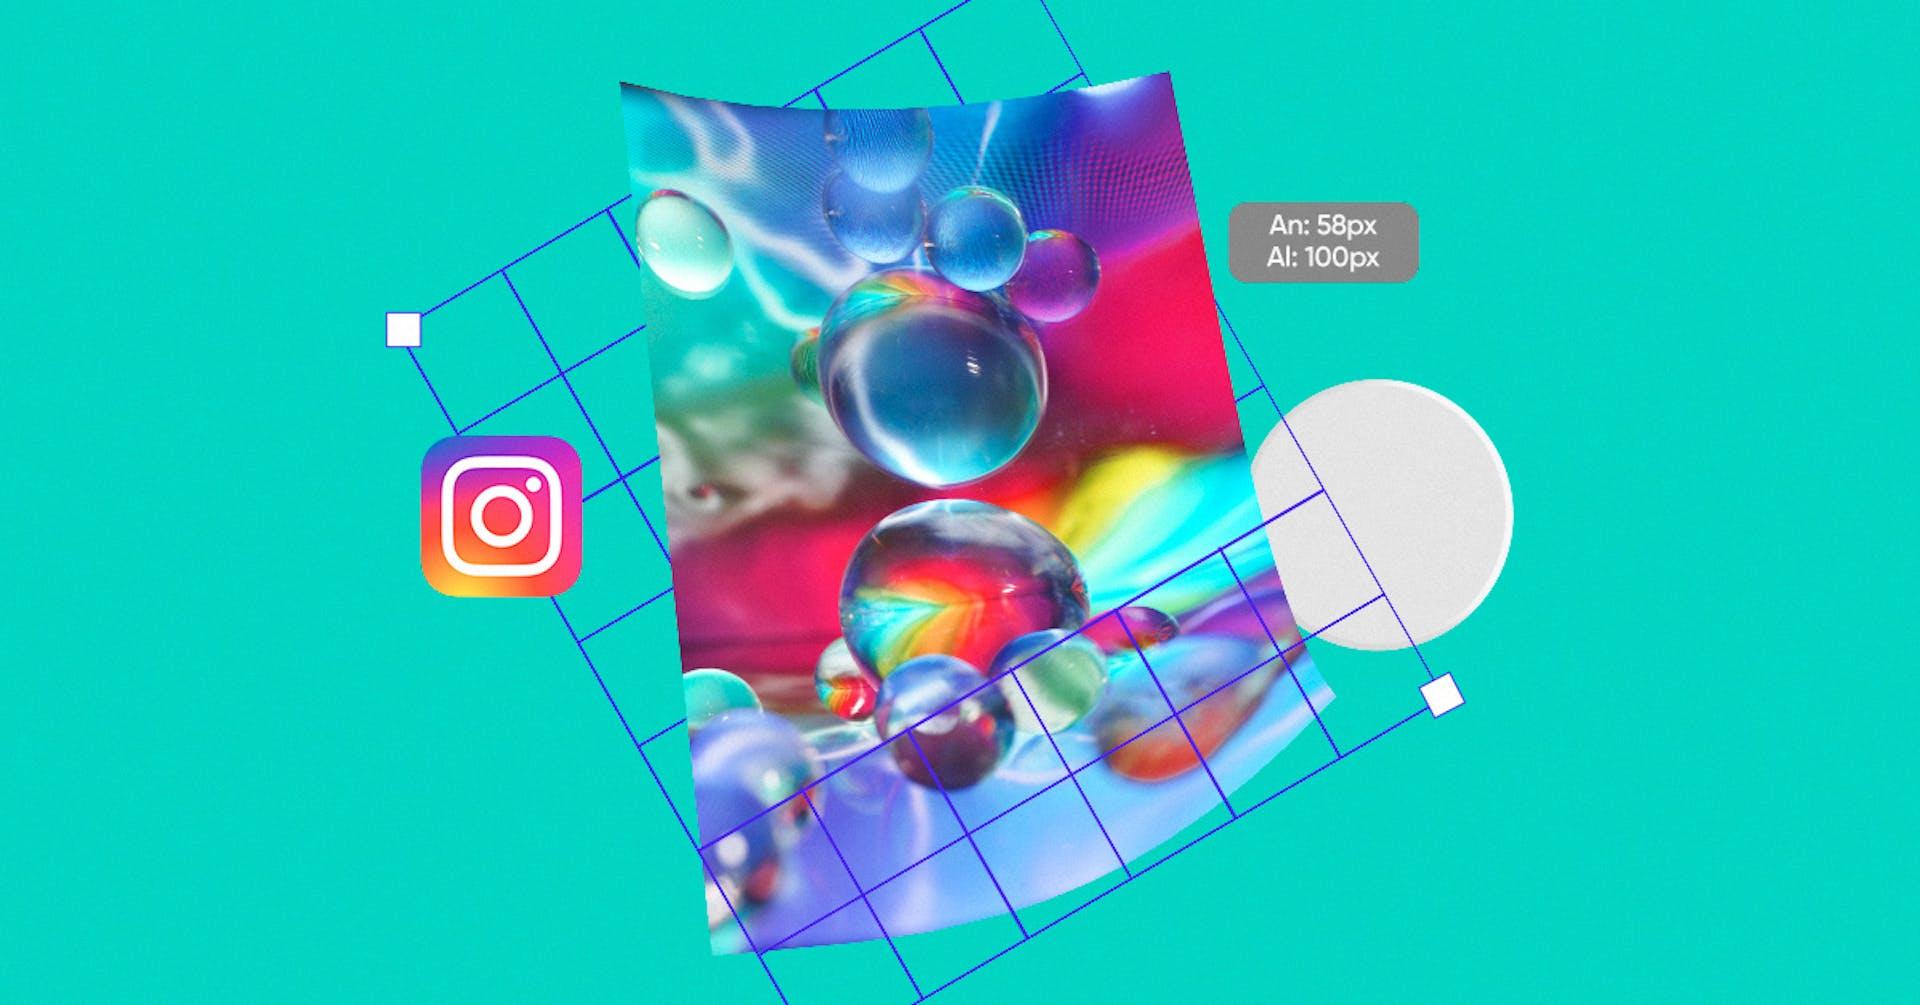 4 tamaños de Instagram que harán verte en alta definición